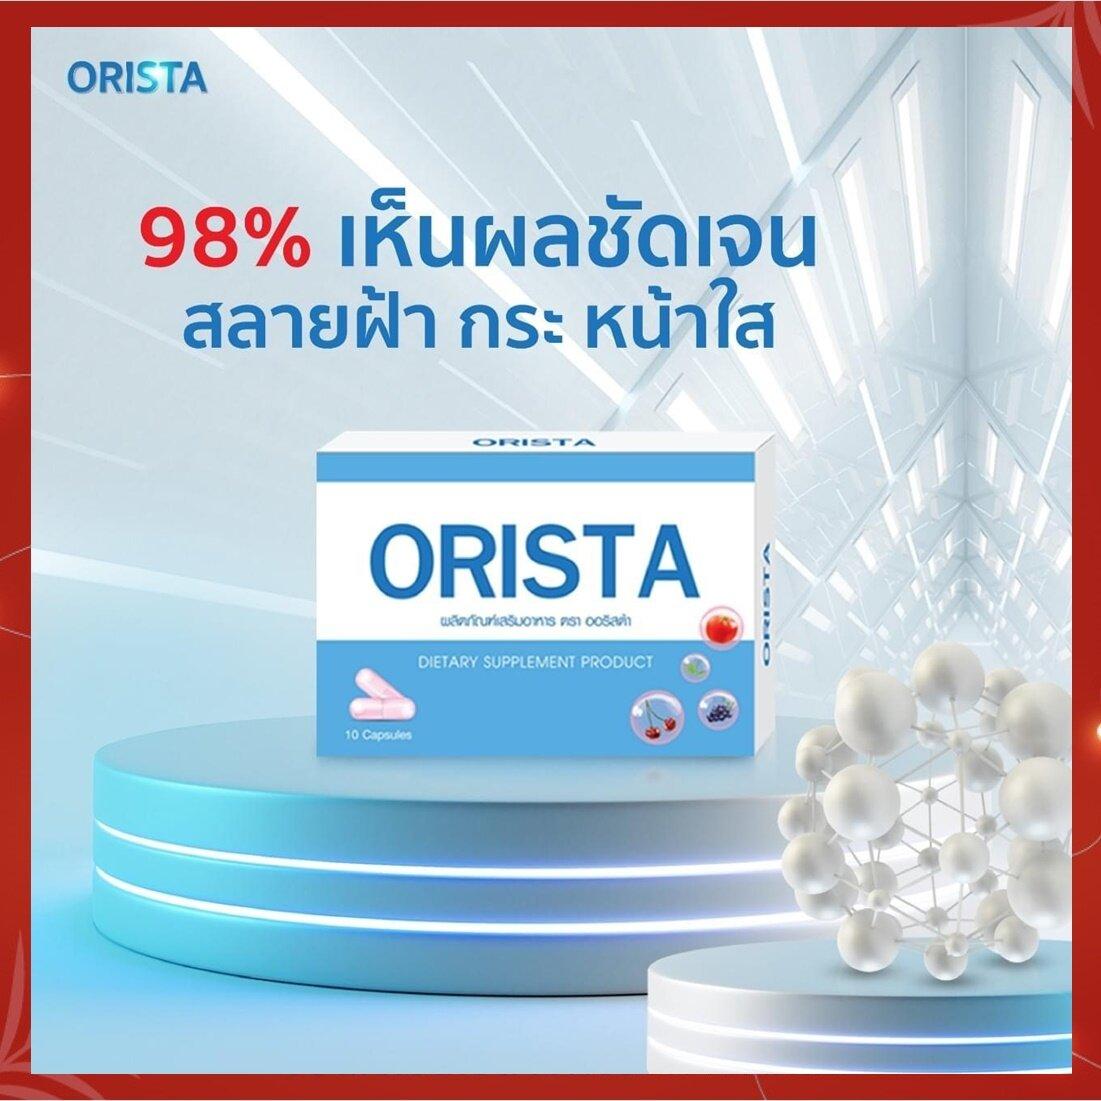 ทดลอง 1 กล่อง+ส่งฟรี : Orista (ออริสต้า) : วิตามินรักษาฝ้ากระ ยับยั้งการเกิดฝ้าใหม่ และช่วยลดริ้วรอย ปรับผิวขาวใส ทั้งผิวหน้าและผิวกาย.